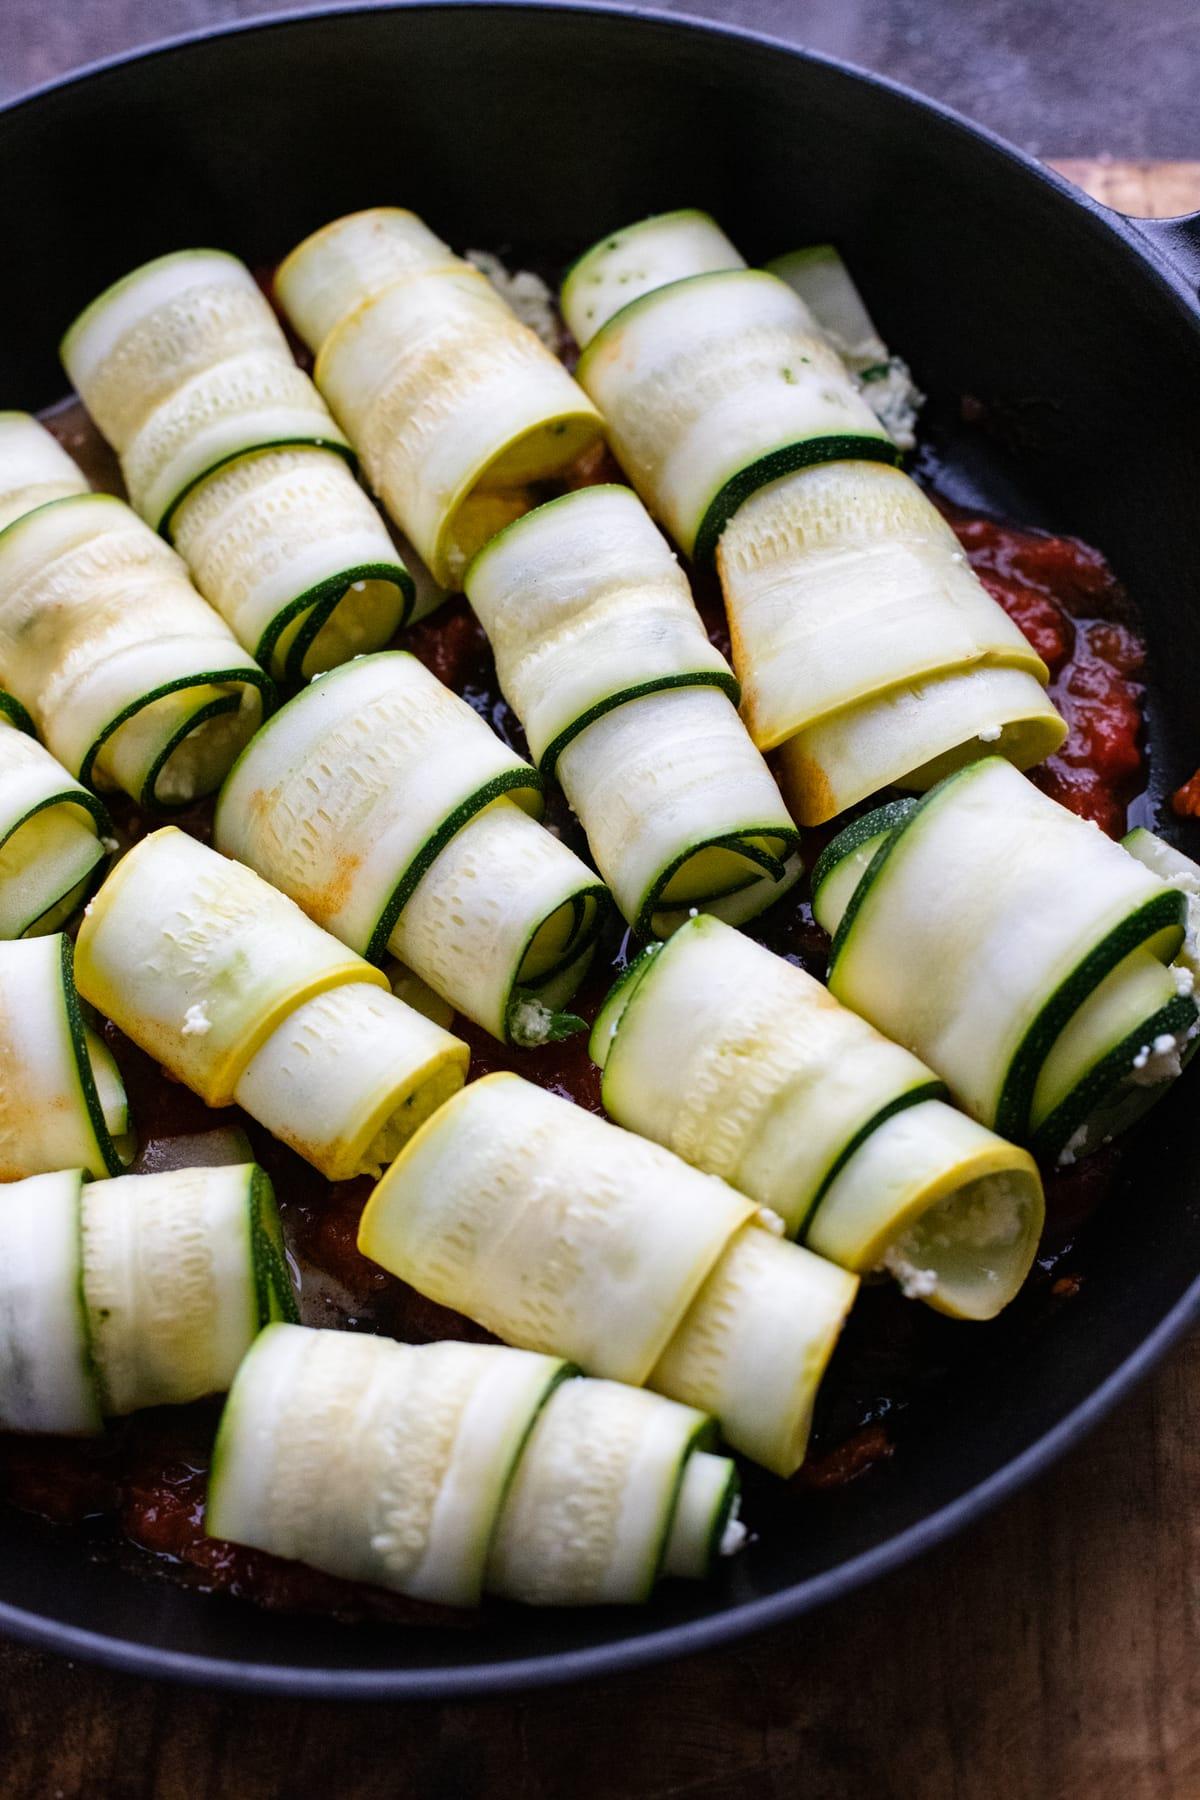 zucchini rollatini in black sikillet.